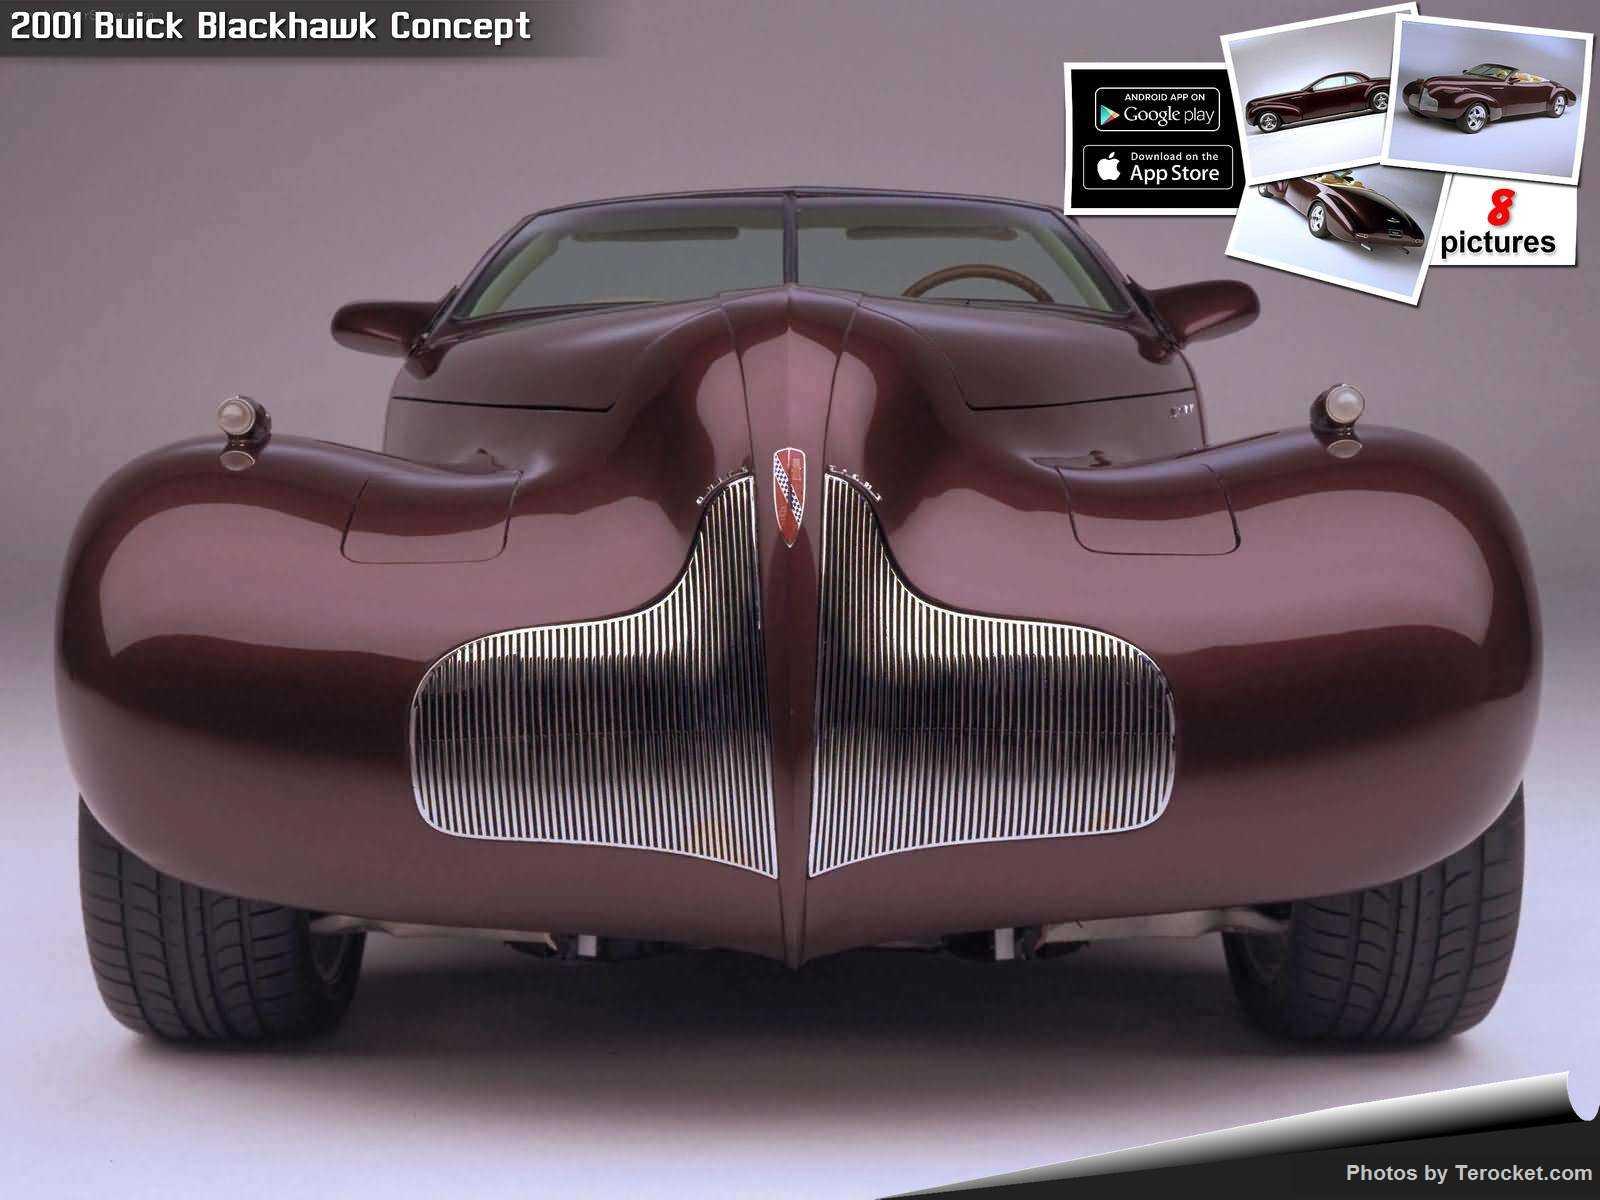 Hình ảnh xe ô tô Buick Blackhawk Concept 2001 & nội ngoại thất